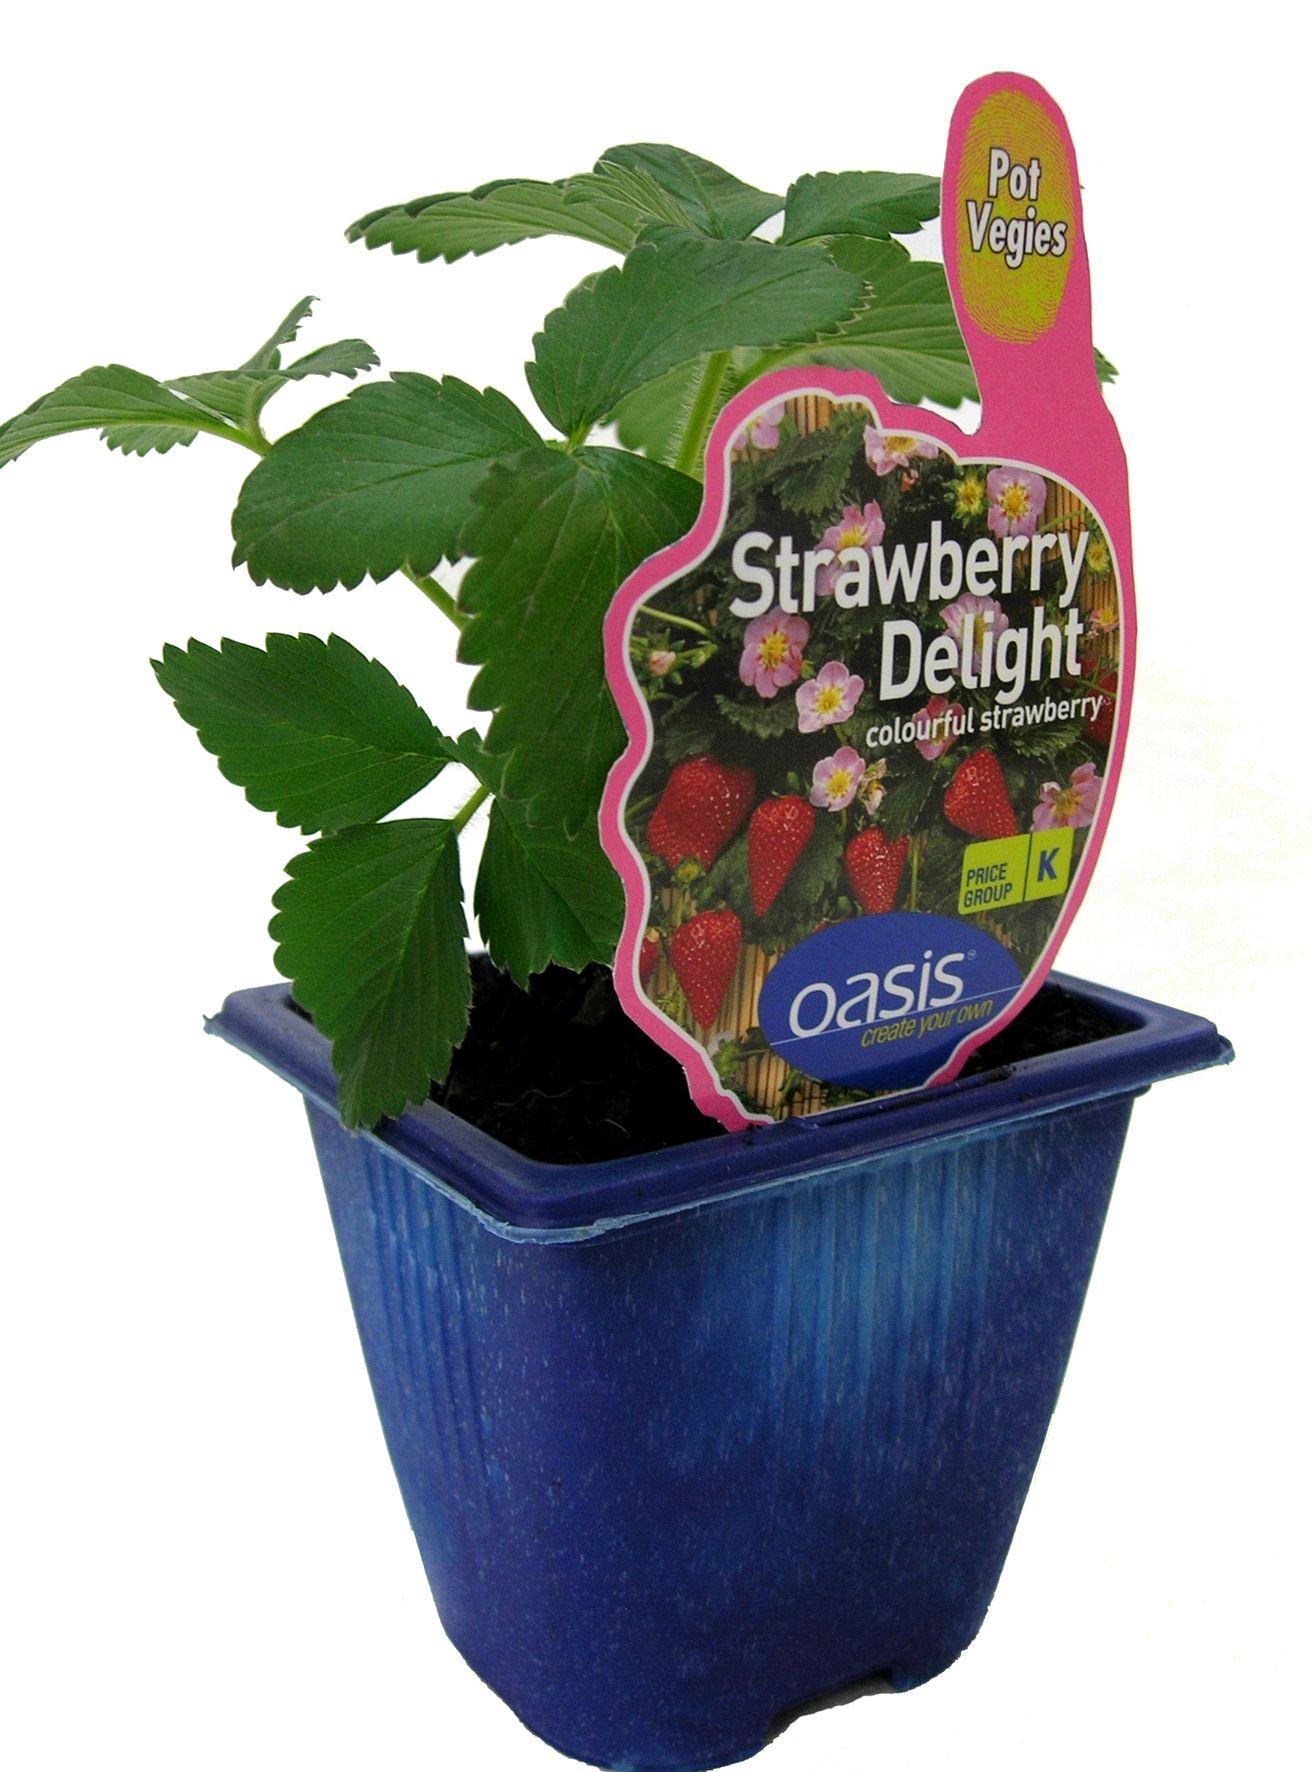 Strawberry Delight pack shot.jpg